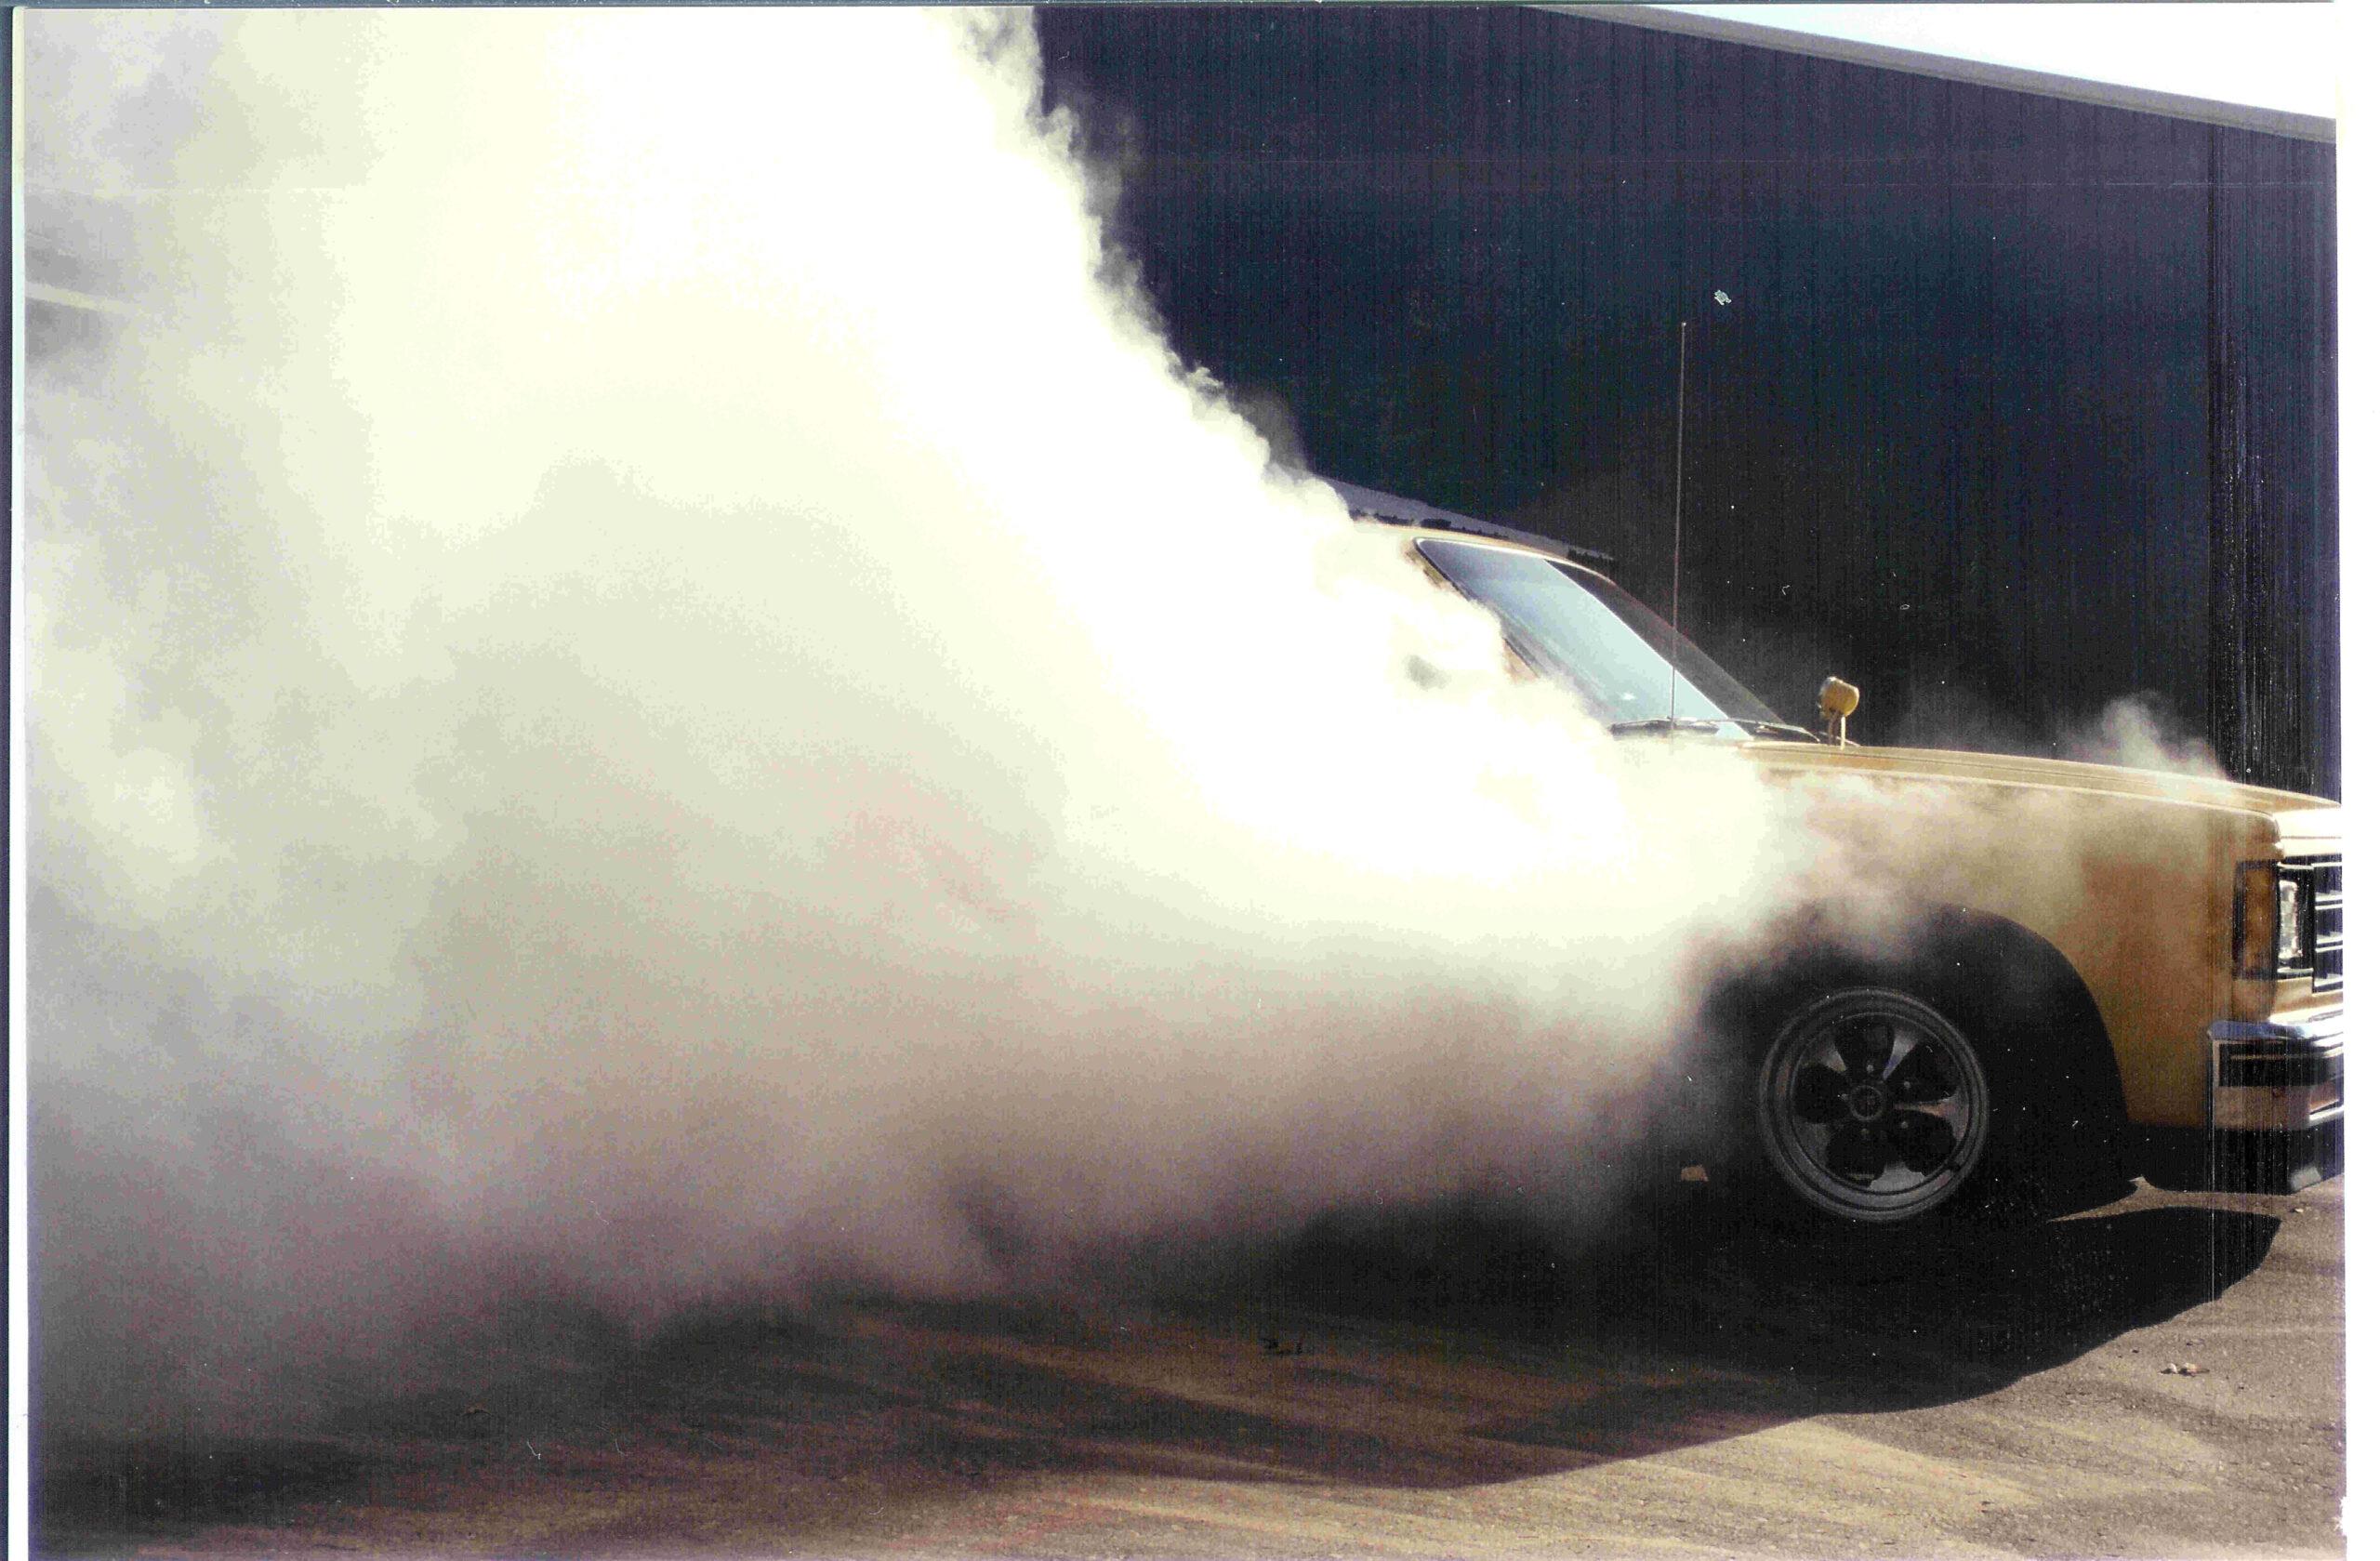 Karlan Hemper - Slackville, GA - 1983 Chevy S10